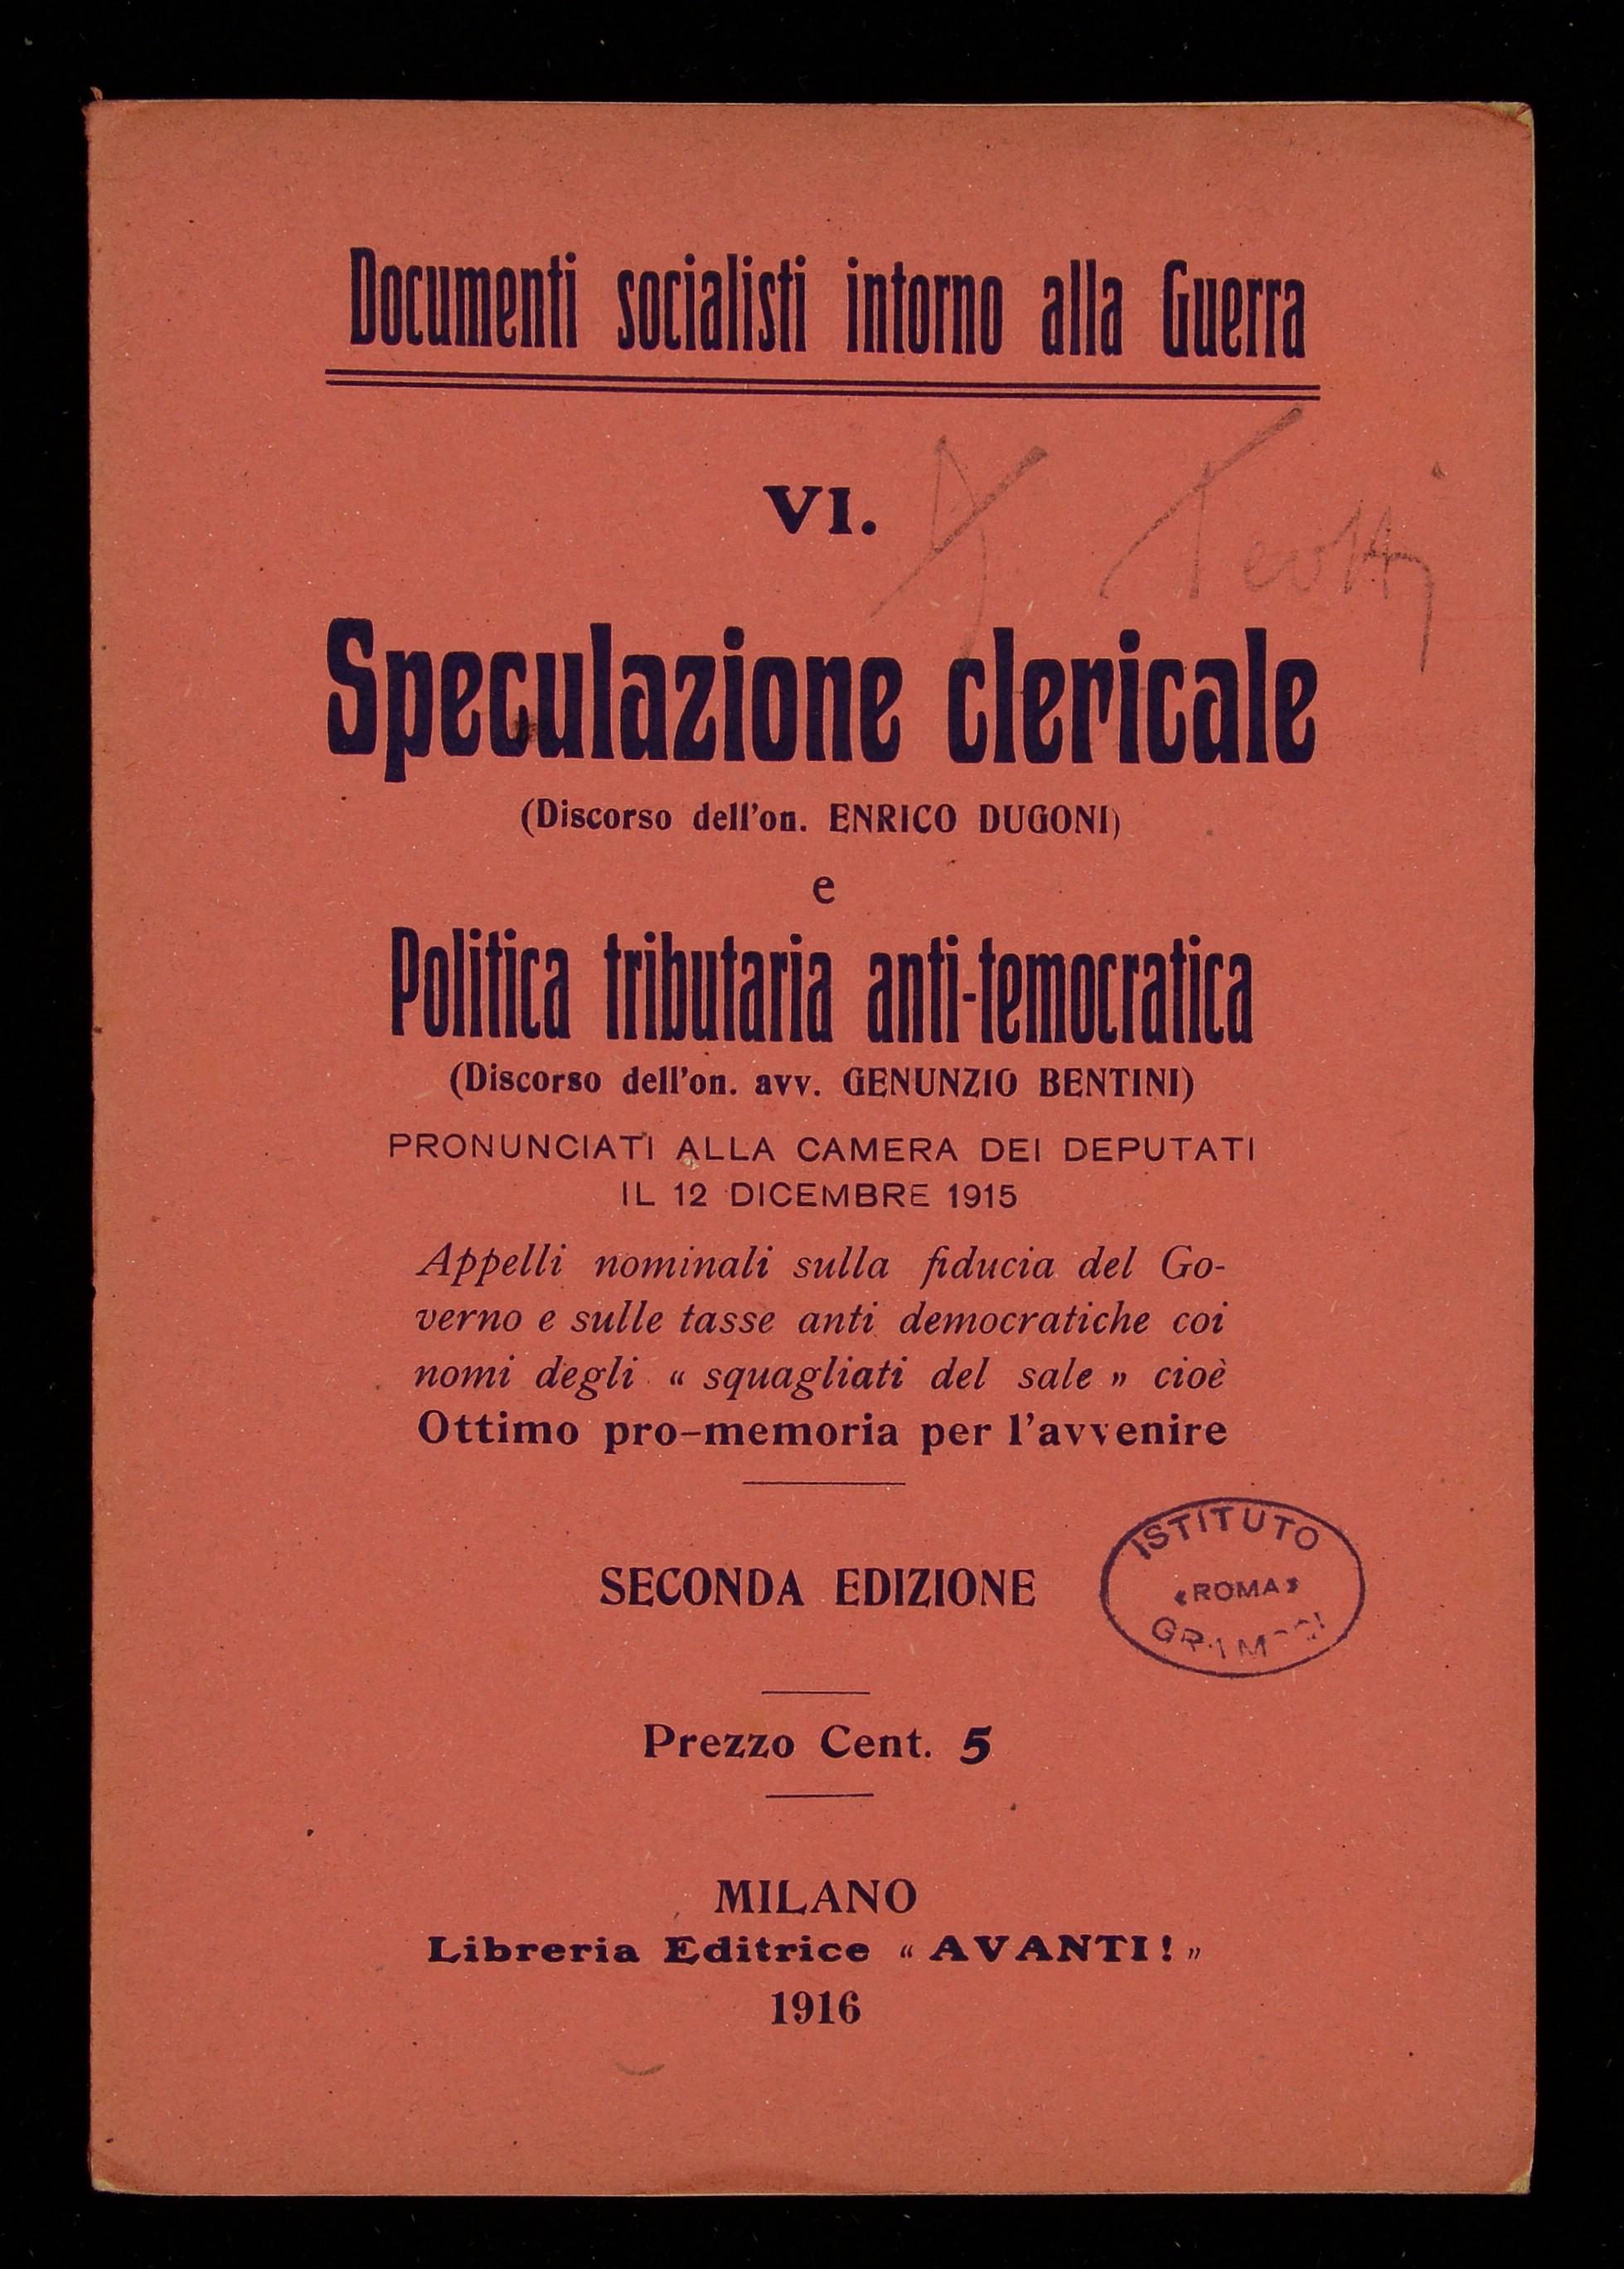 Speculazione clericale